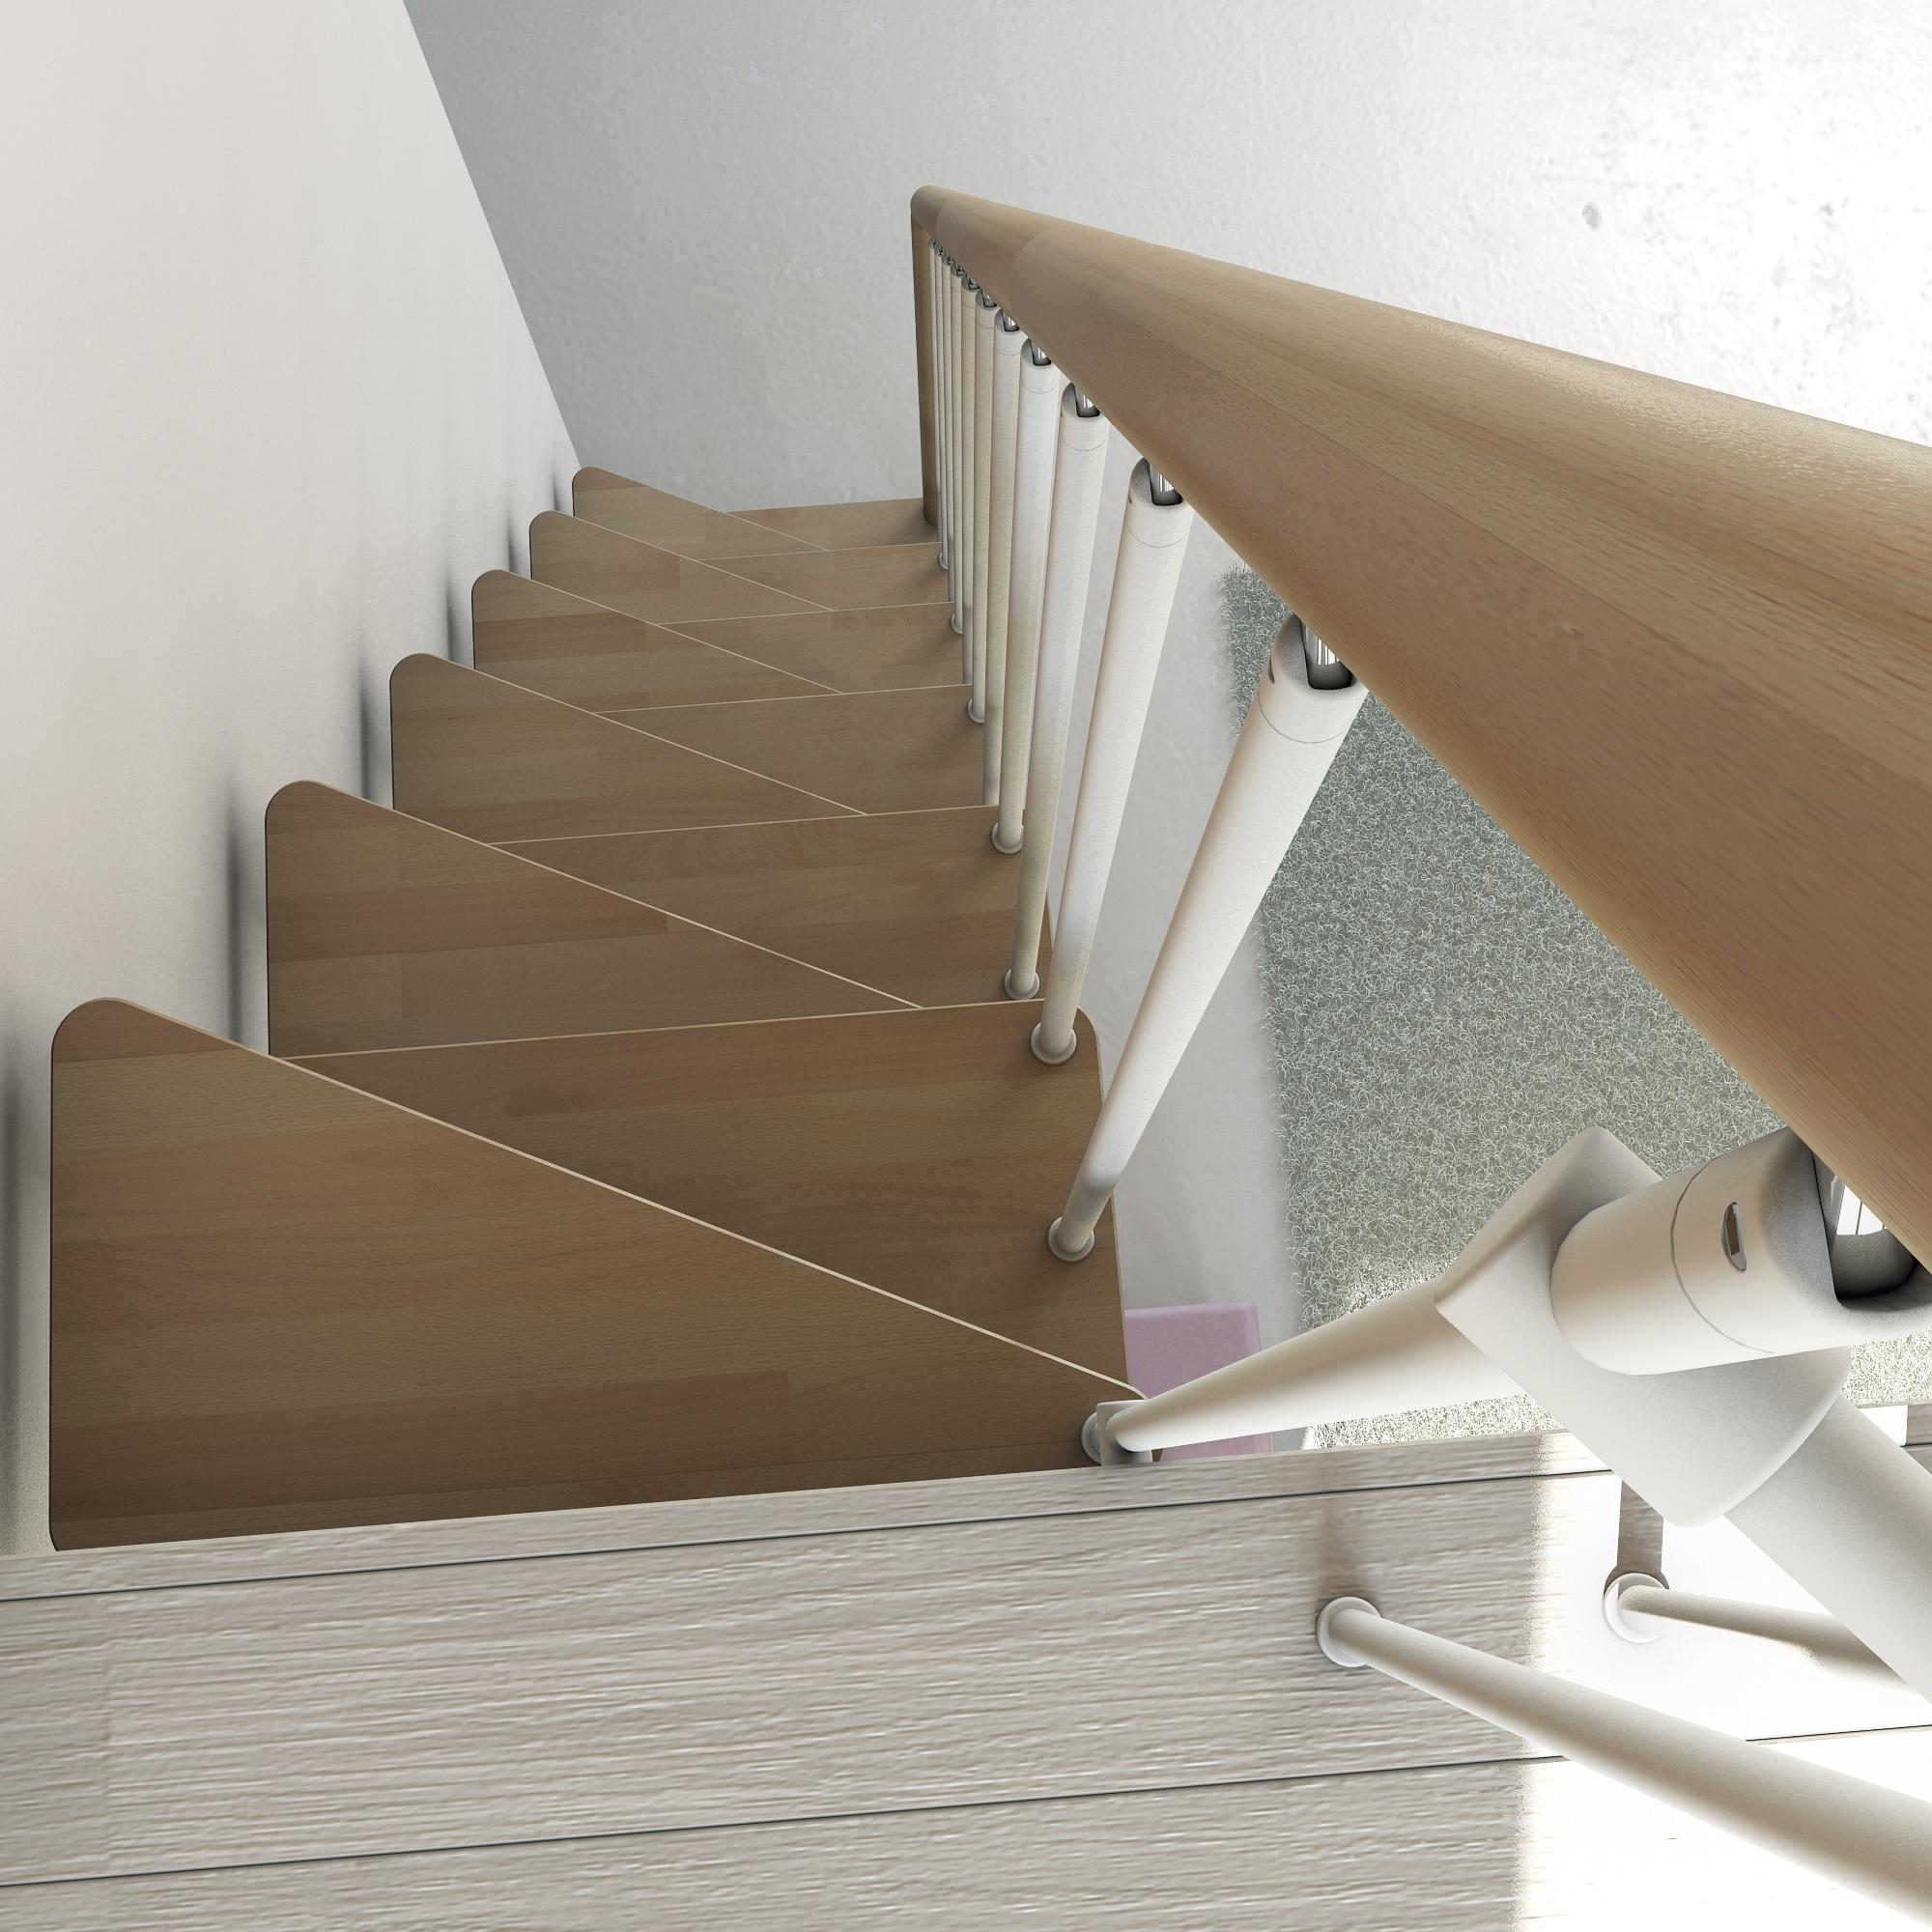 Лестница с конструкцией гусиного шага с треугольными ступенями